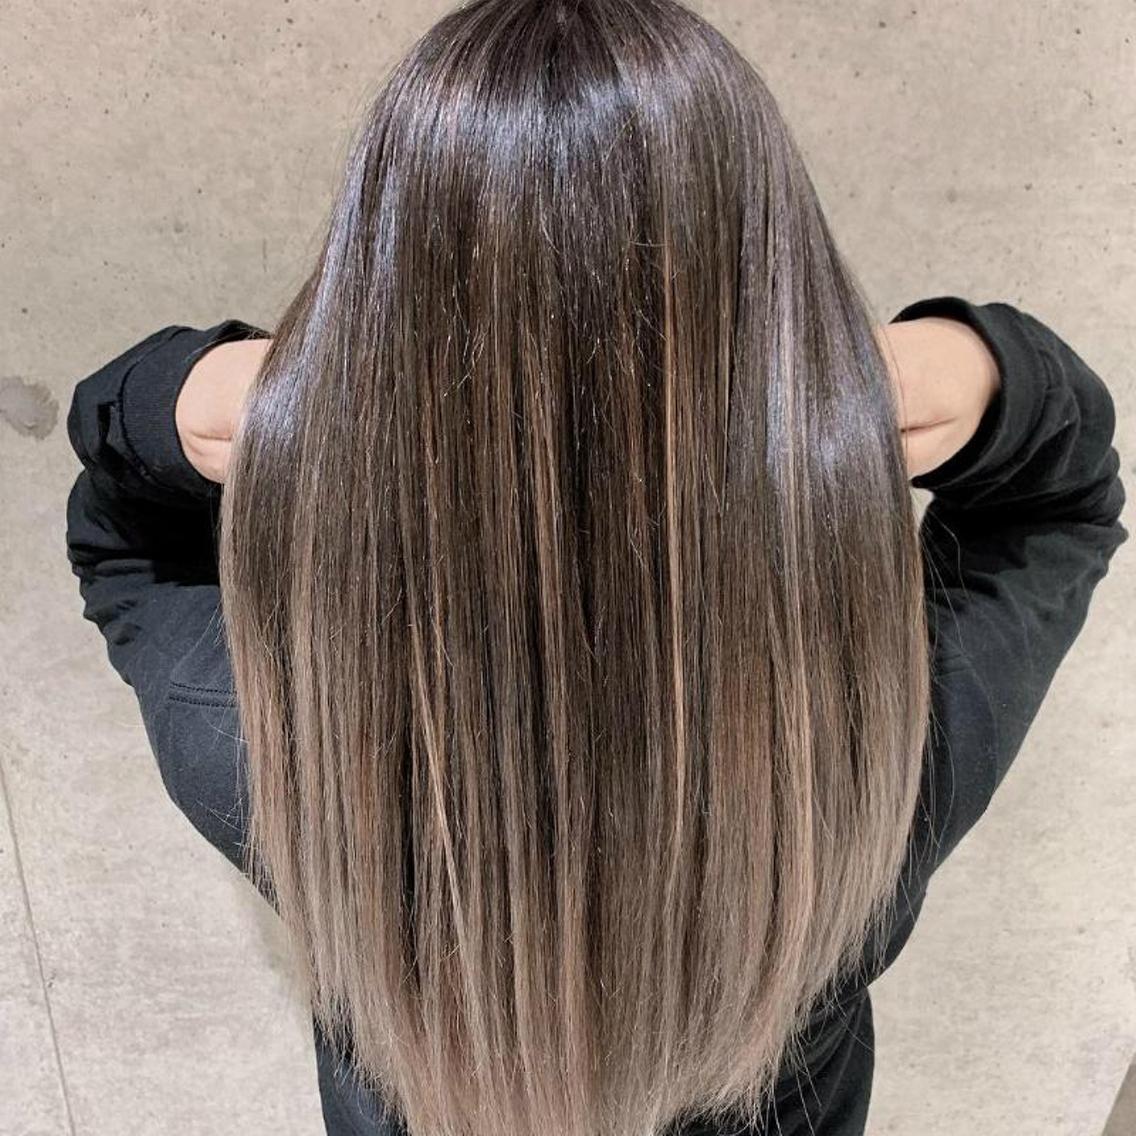 Hair salon MURMUR. 中野店【マーマー】所属・MURMUR.スタッフの掲載